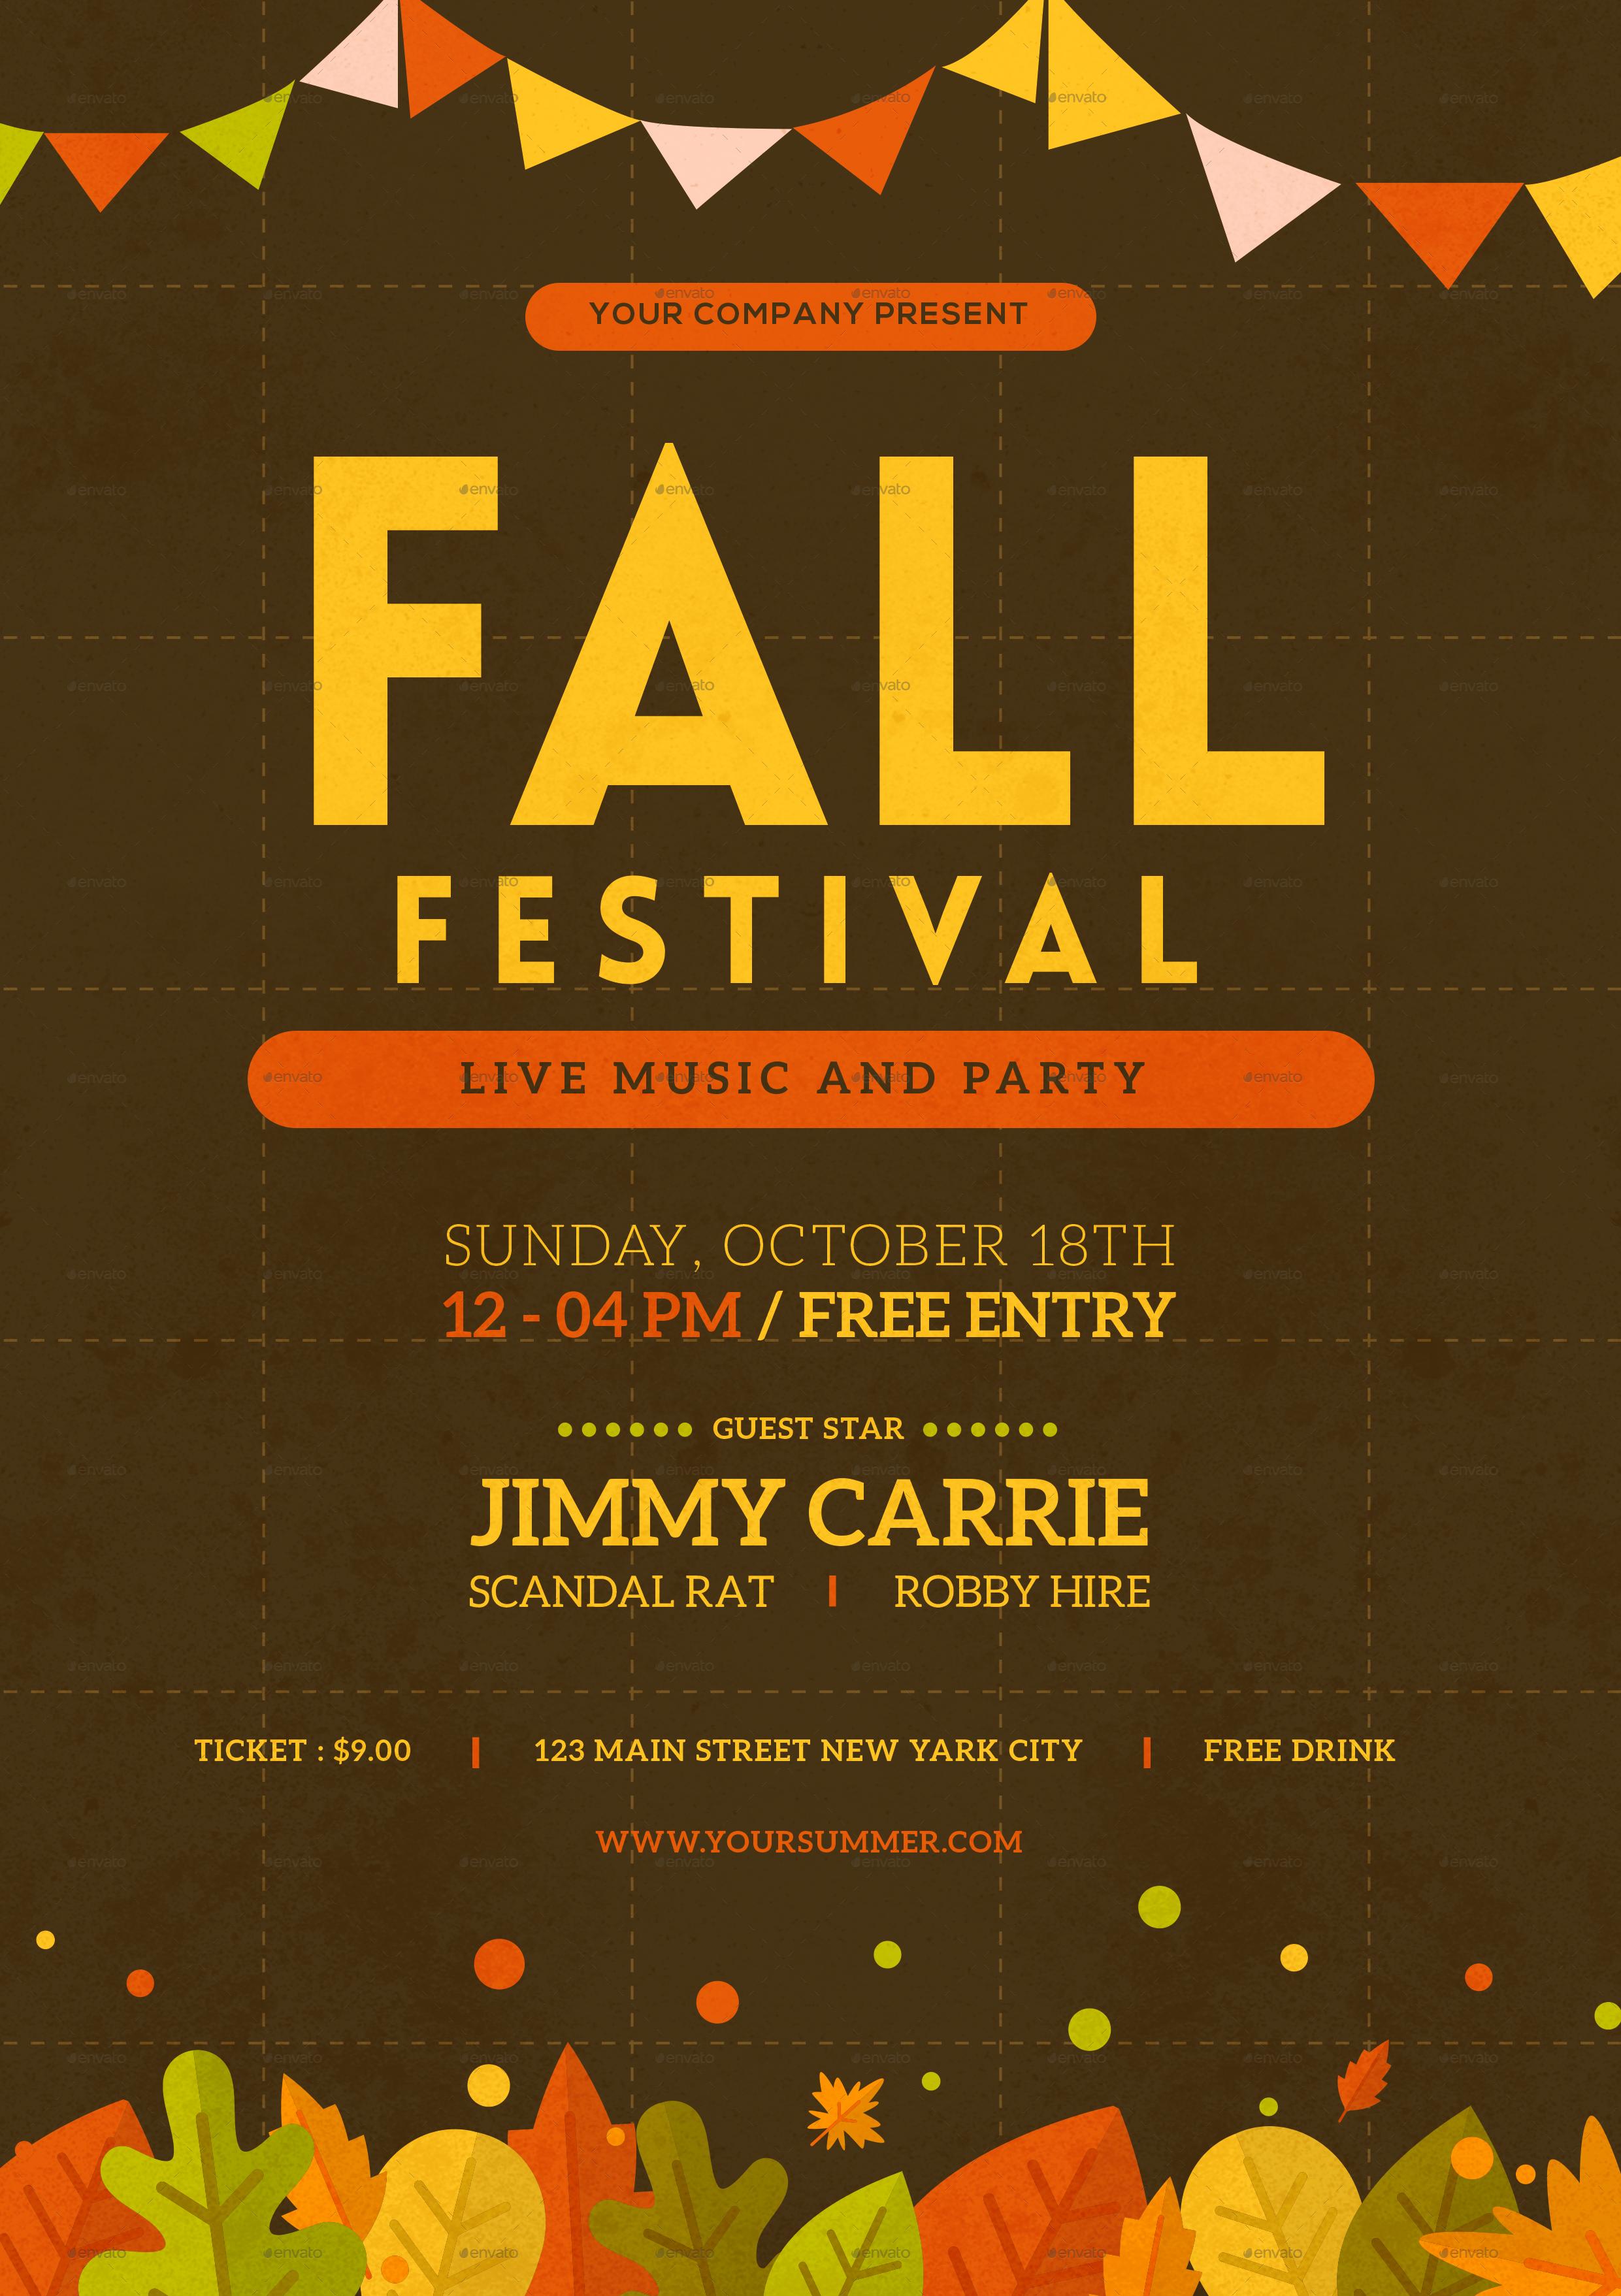 fall fest flyers